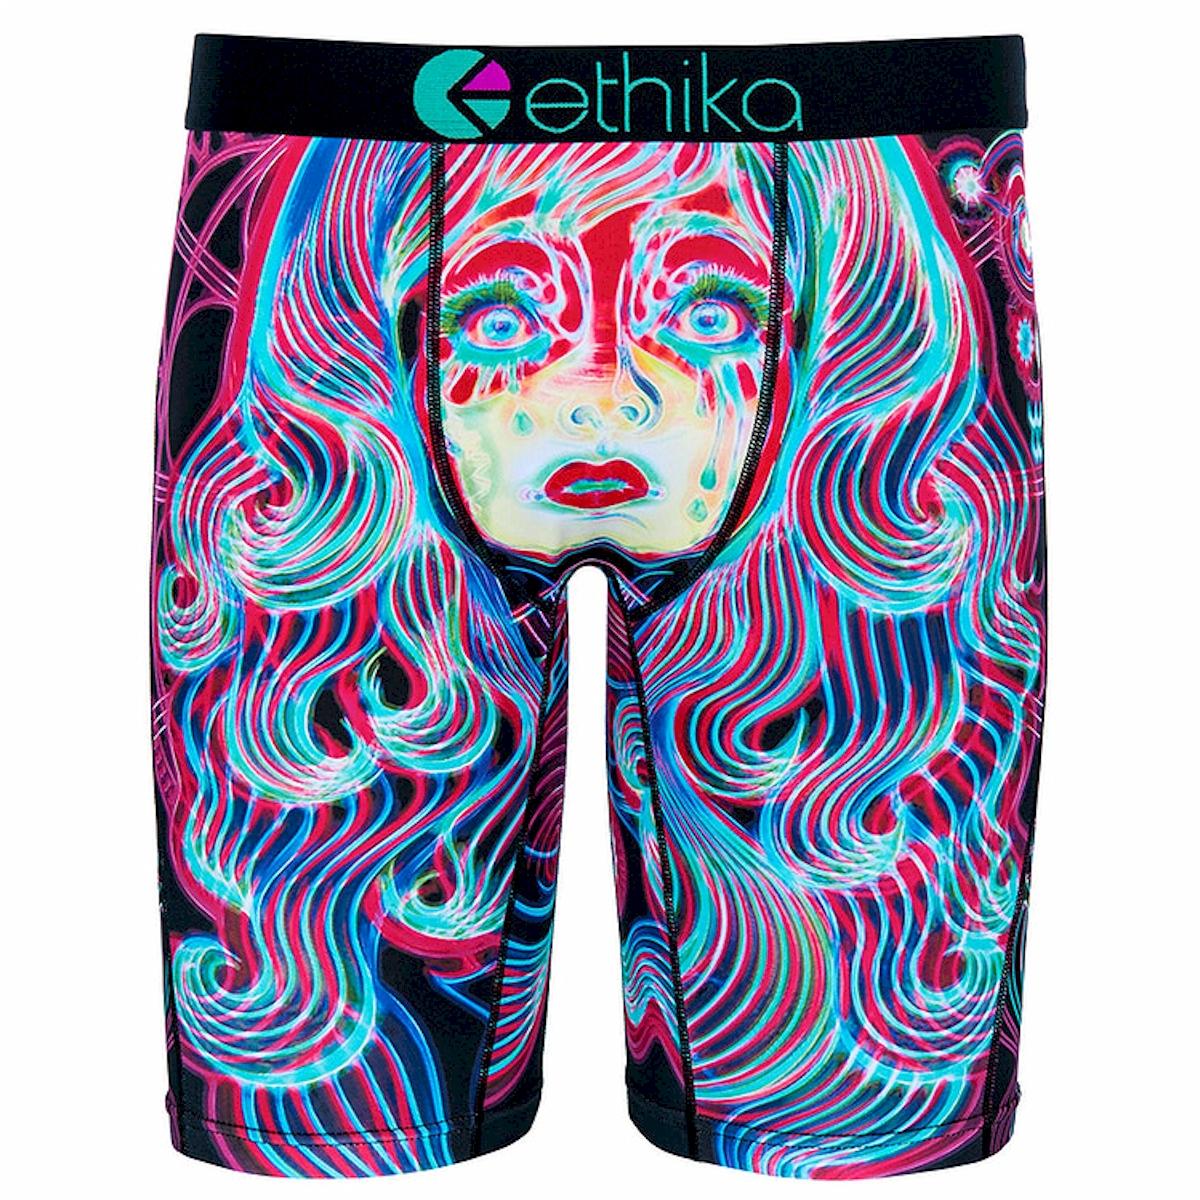 d5d2d0dbe51297 Ethika Staple Fit Electric Dream Long Boxer Briefs Underwear | eBay